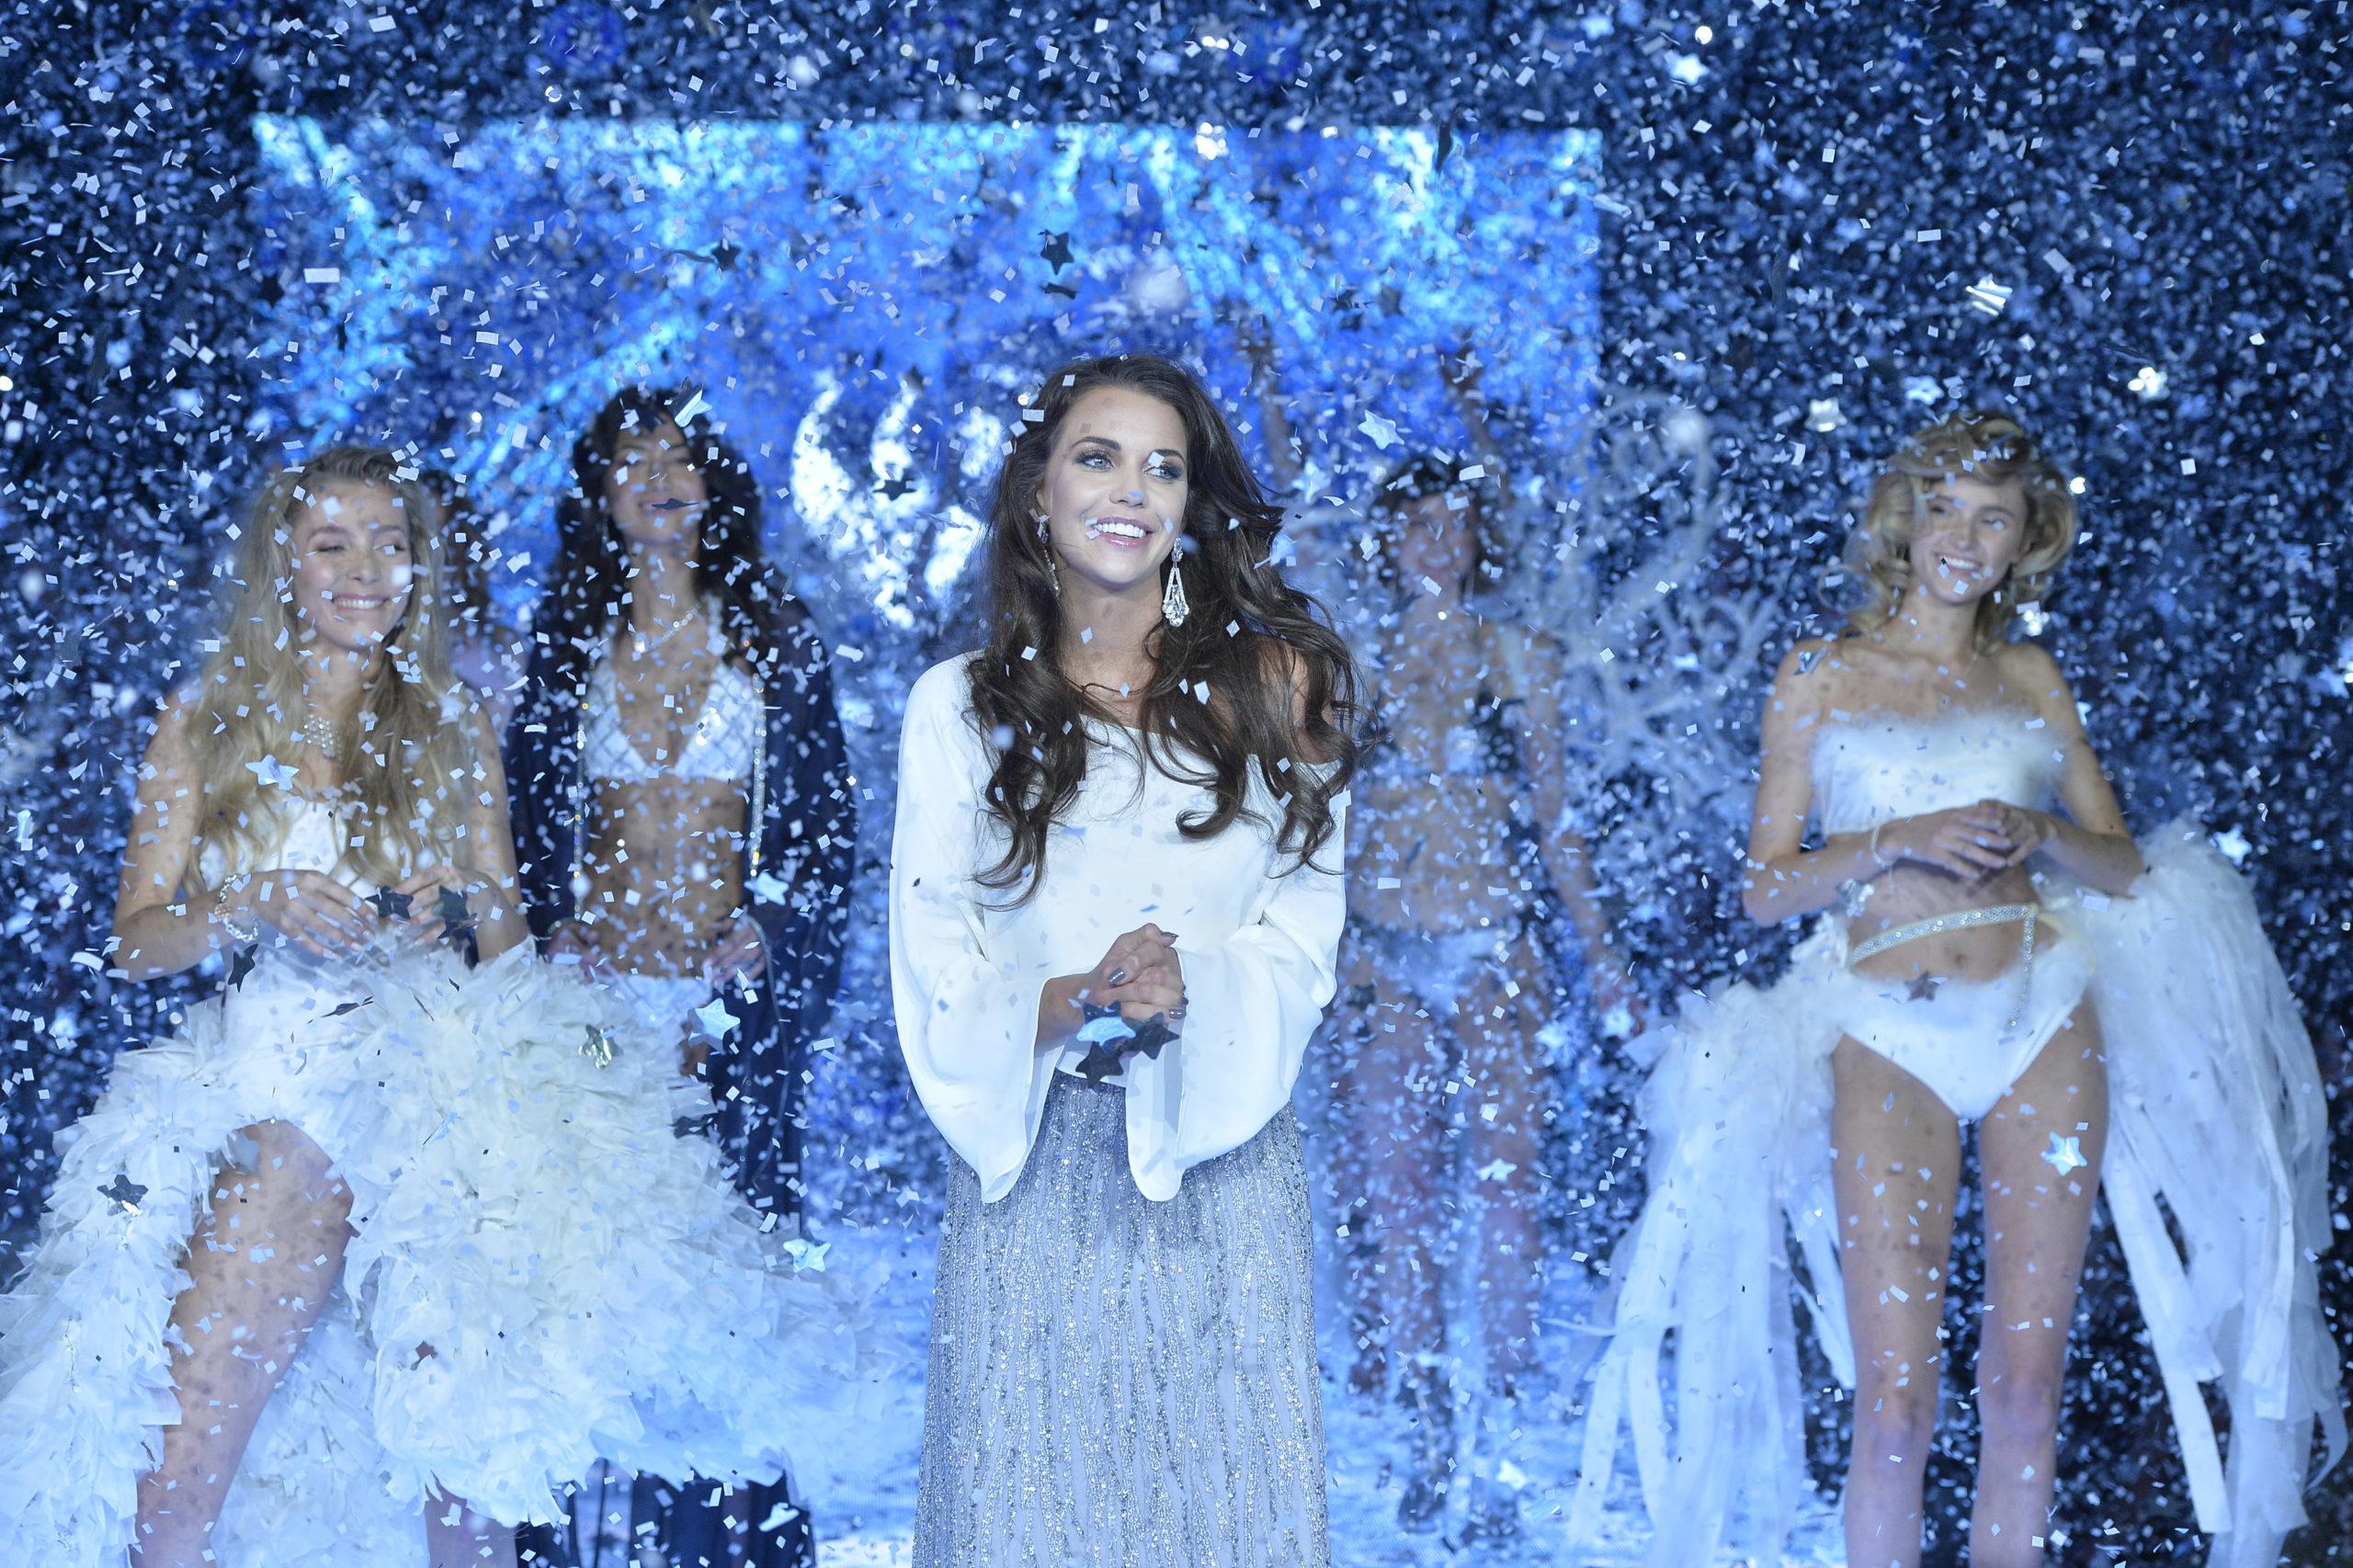 BlogStar: Zimowy pokaz strojów kąpielowych - BlogStar.pl